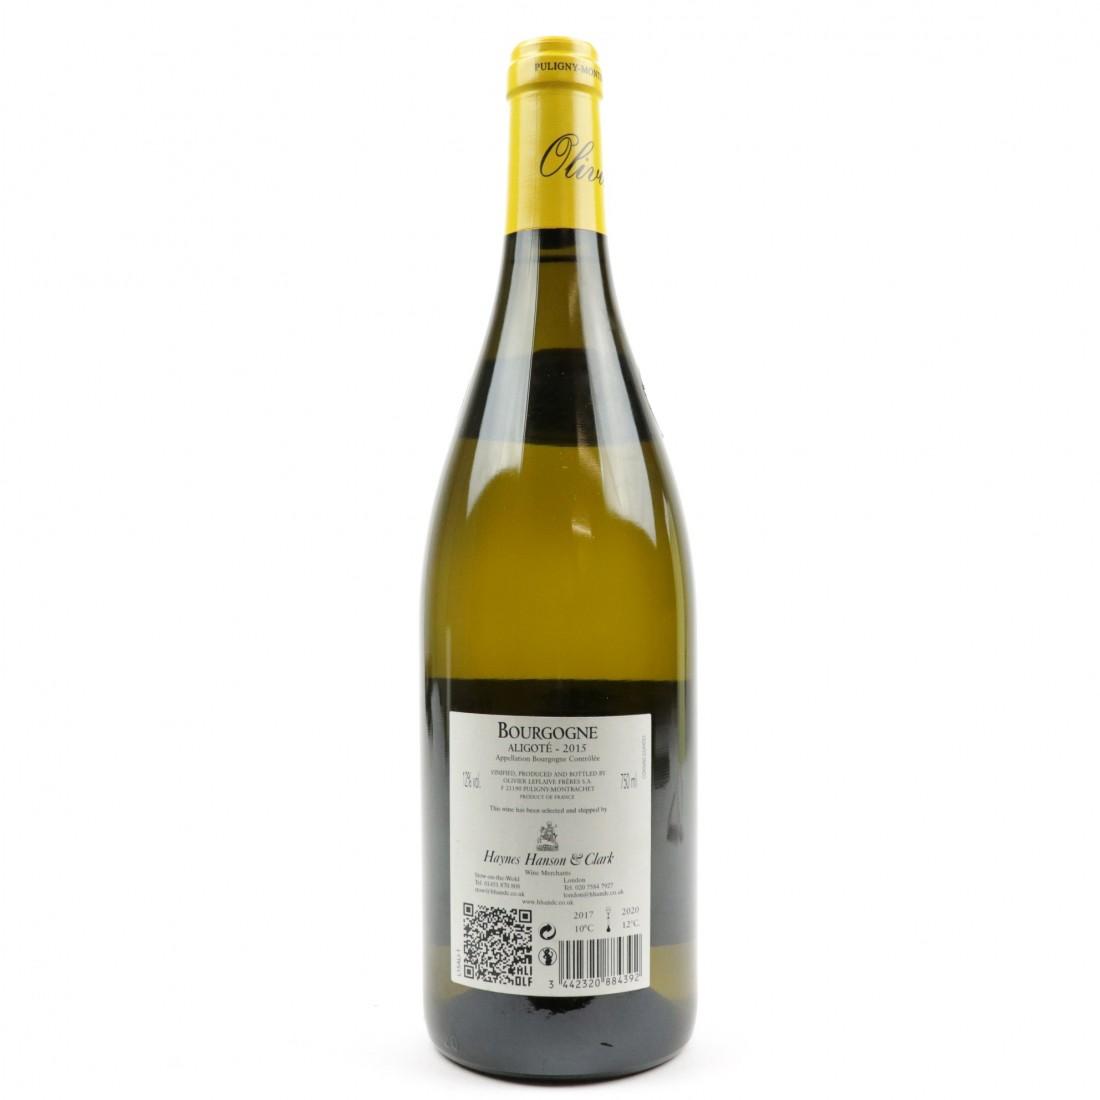 O.Leflaive Aligote 2015 Bourgogne